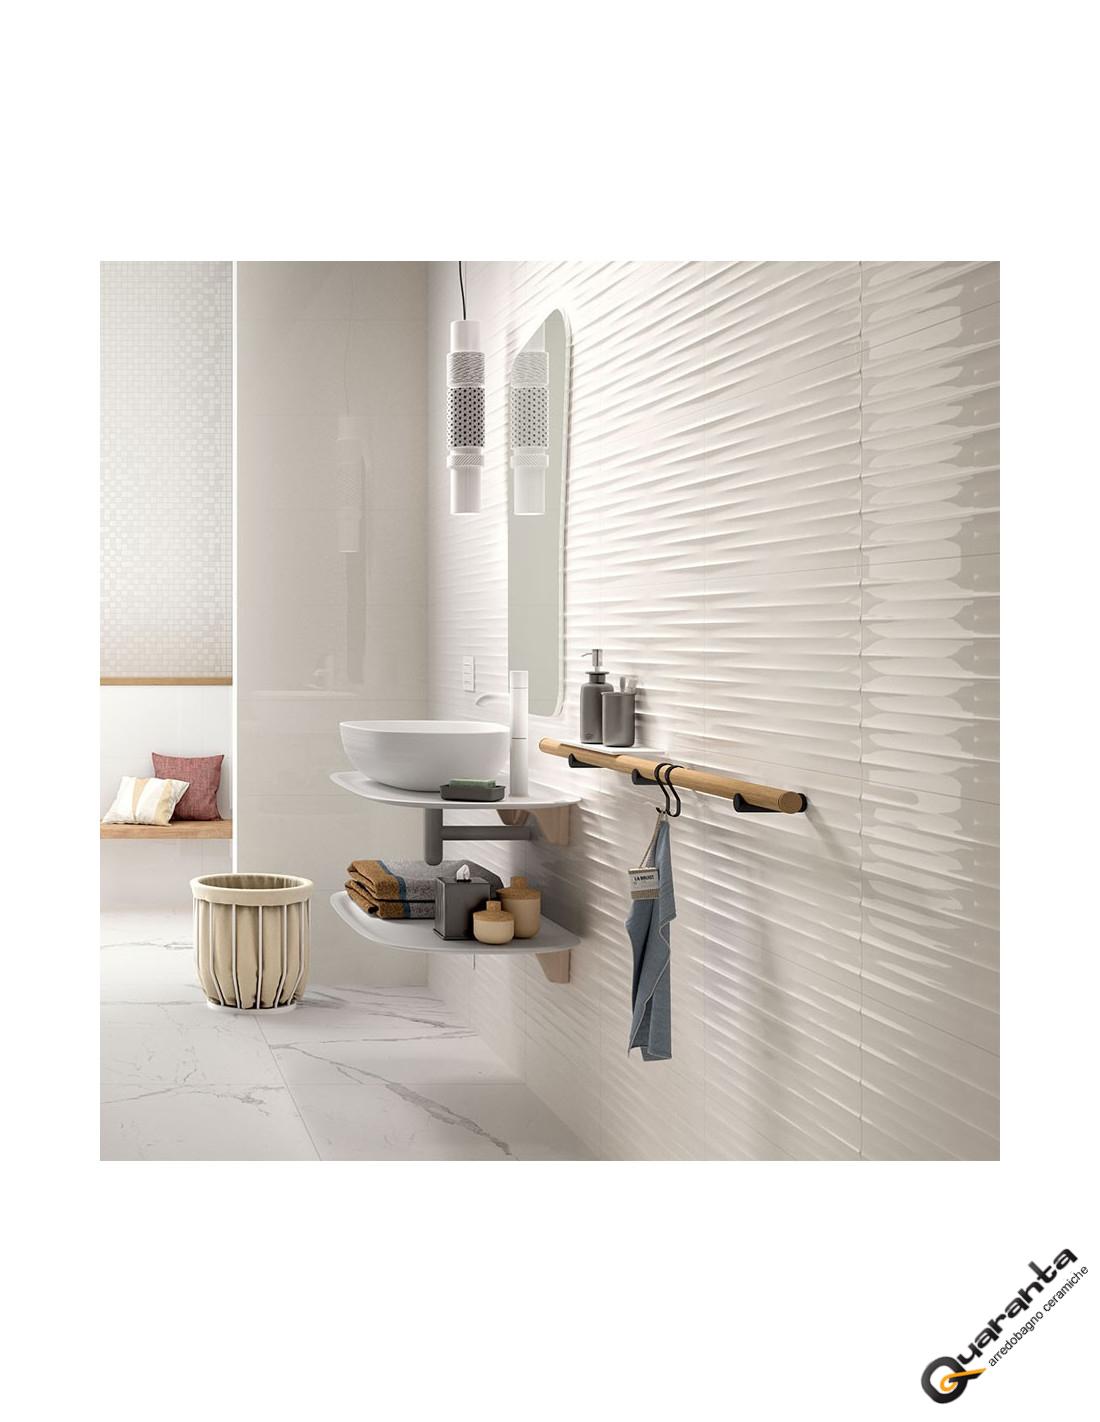 Piastrelle Bagno 30x60.Color Code Bianco Lux 30x60 Mnpy Marazzi Quaranta Ceramiche